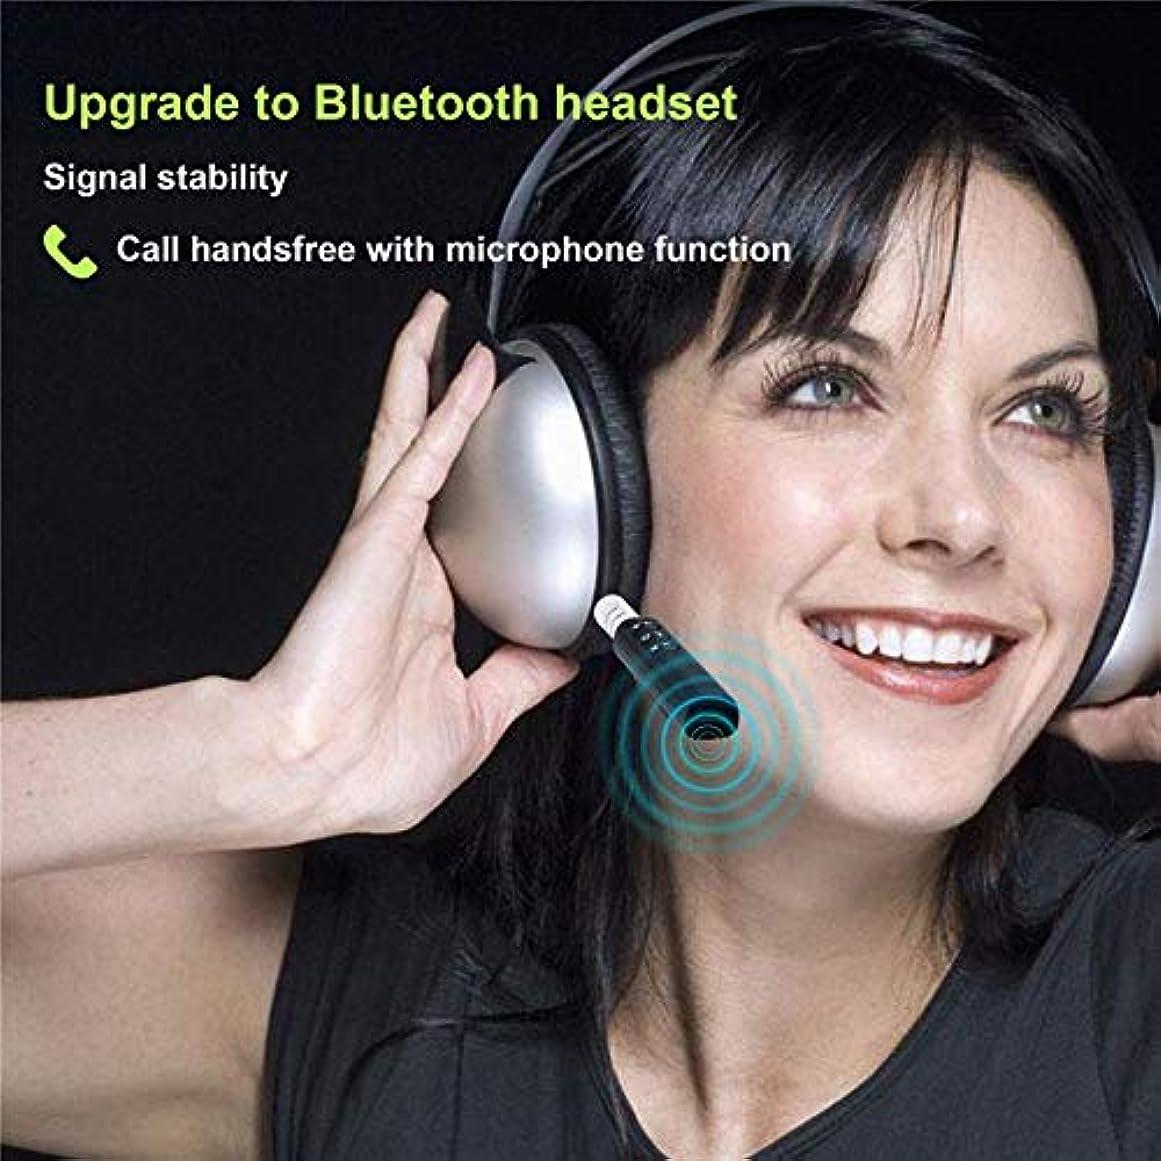 下る寄付する独立したRencaifeinimo2019最新版高速 耐久性が良い ワイヤレスBluetoothレシーバー3.5mmジャックオーディオミュージックアダプター